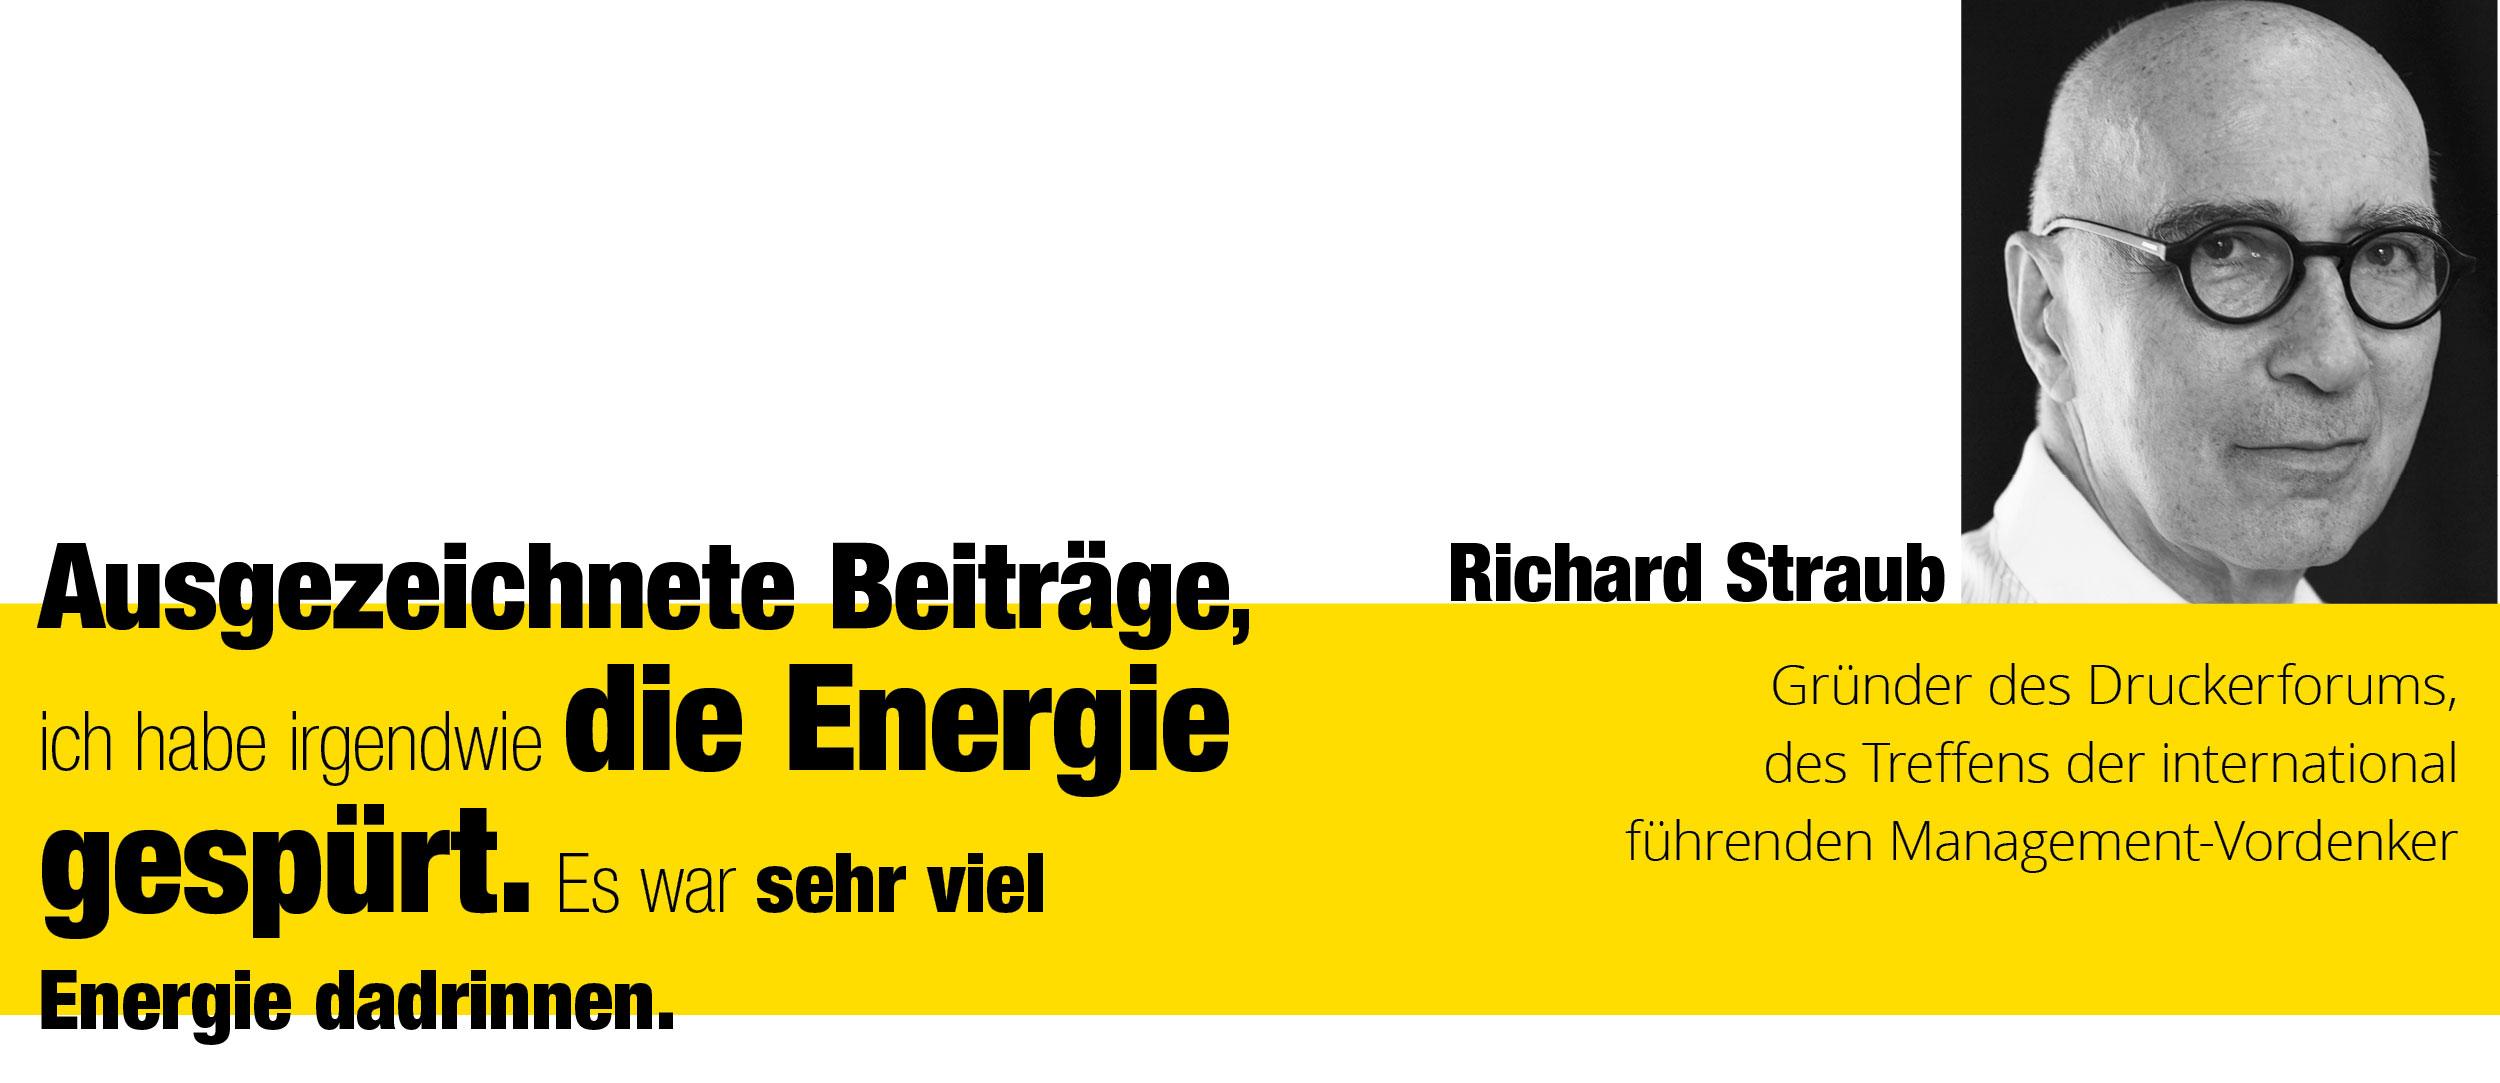 Zitat von Richard Straub